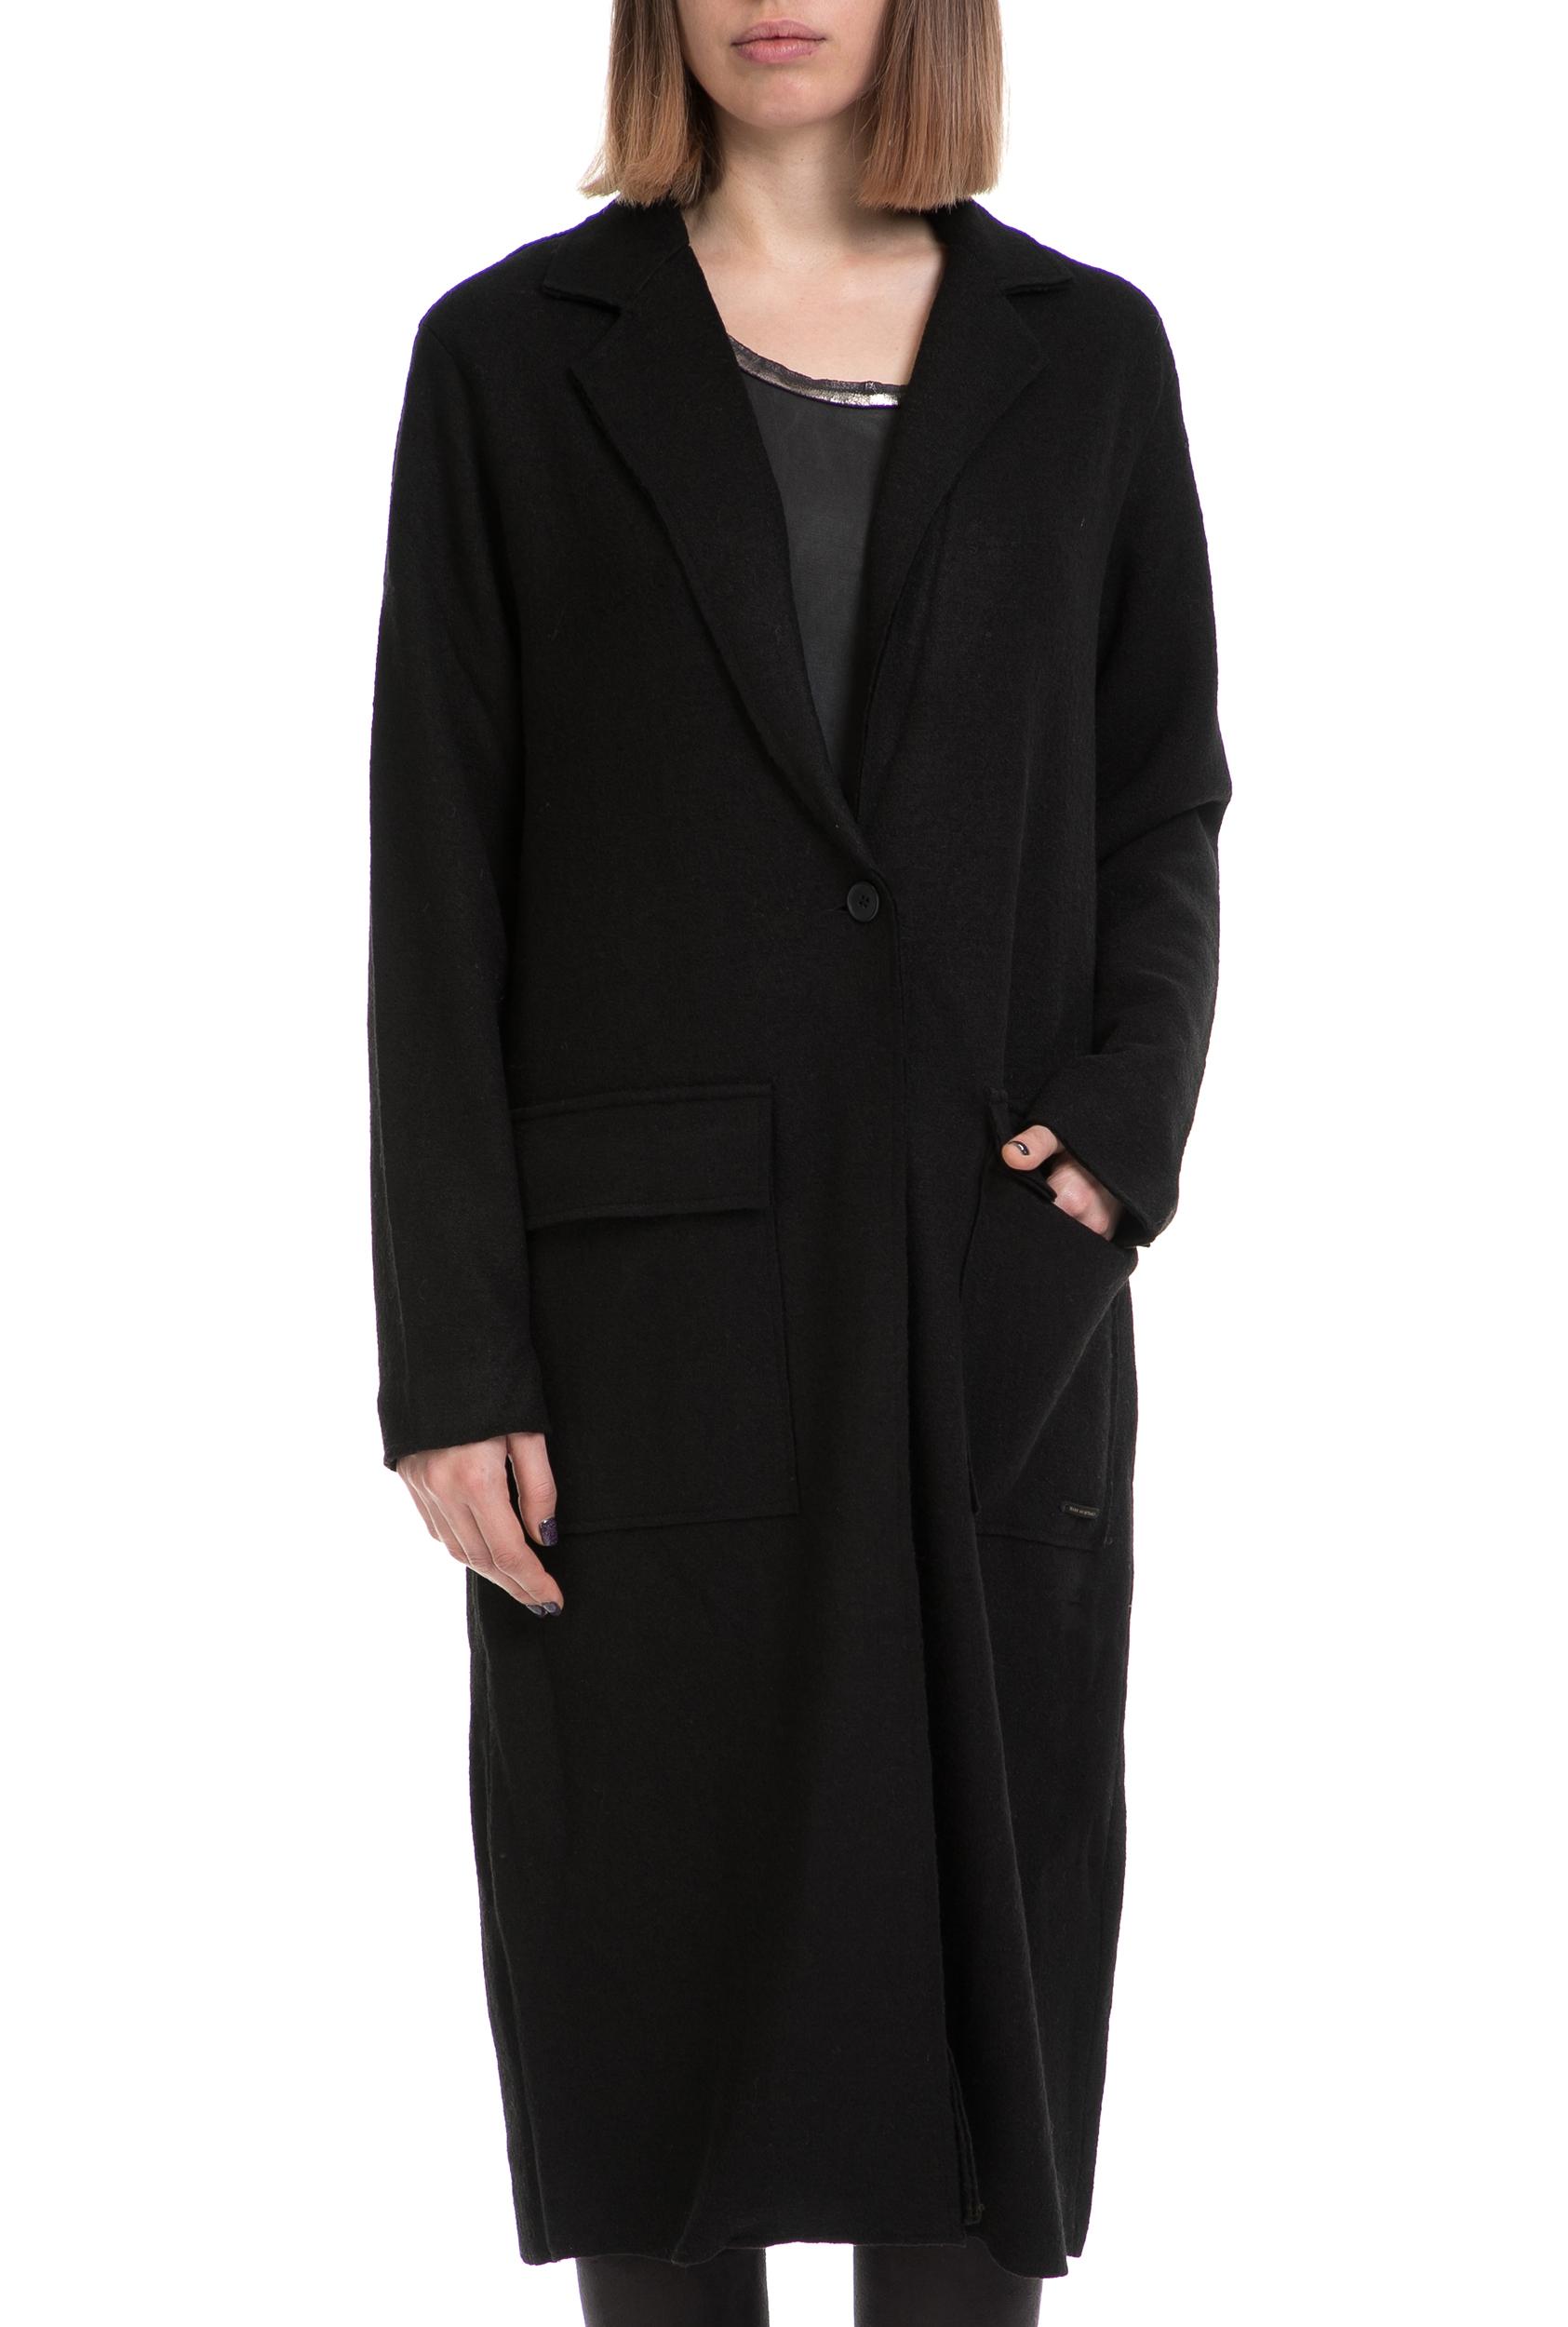 H - Γυναικεία Παλτό  ccdecd6993c